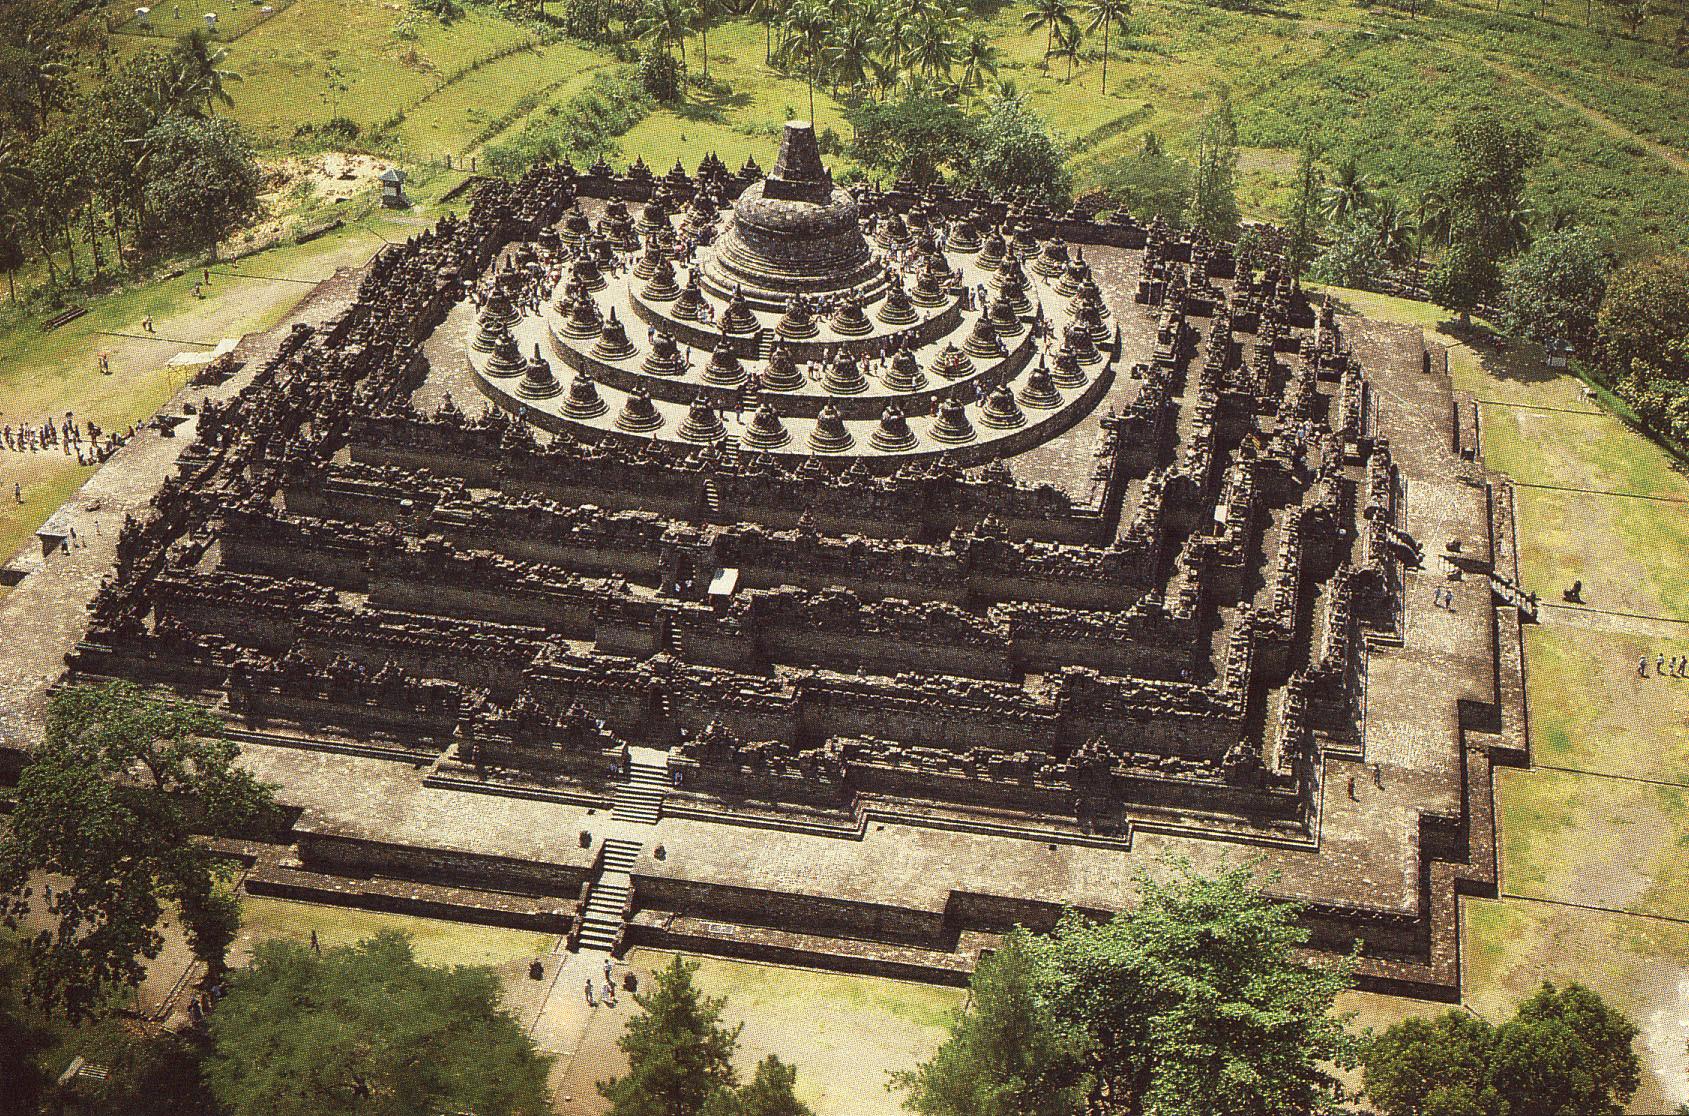 Berikan Suaramu Untuk Candi Borobudur Kaskus